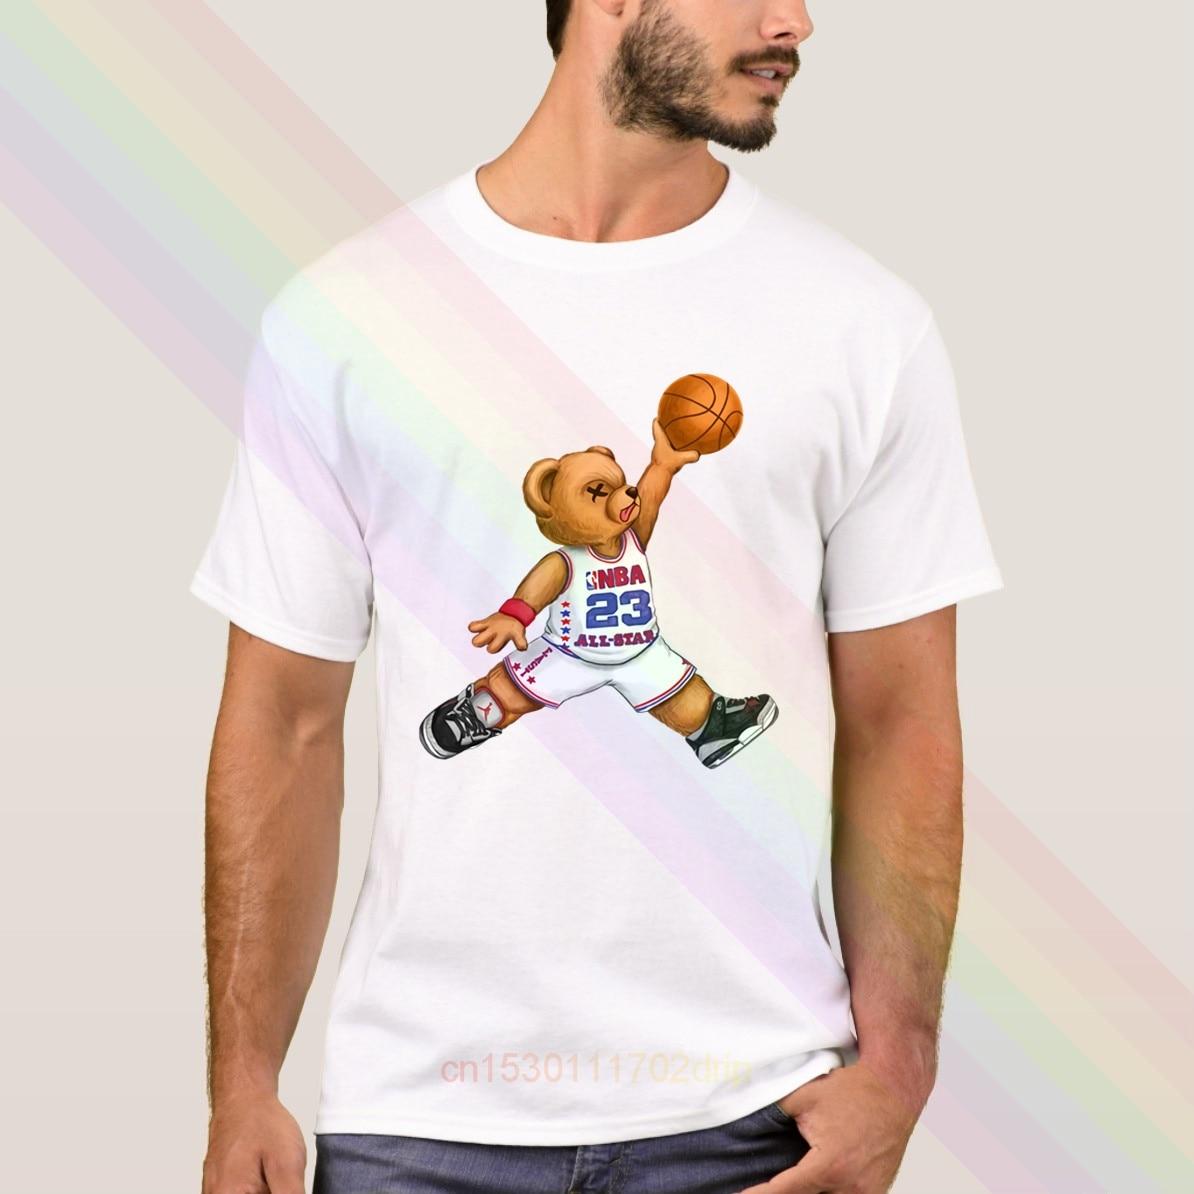 ¡NOVEDAD DE VERANO 2020! Camiseta de baloncesto Michael Jordan, camisetas populares de manga corta para hombre, camisetas Unisex